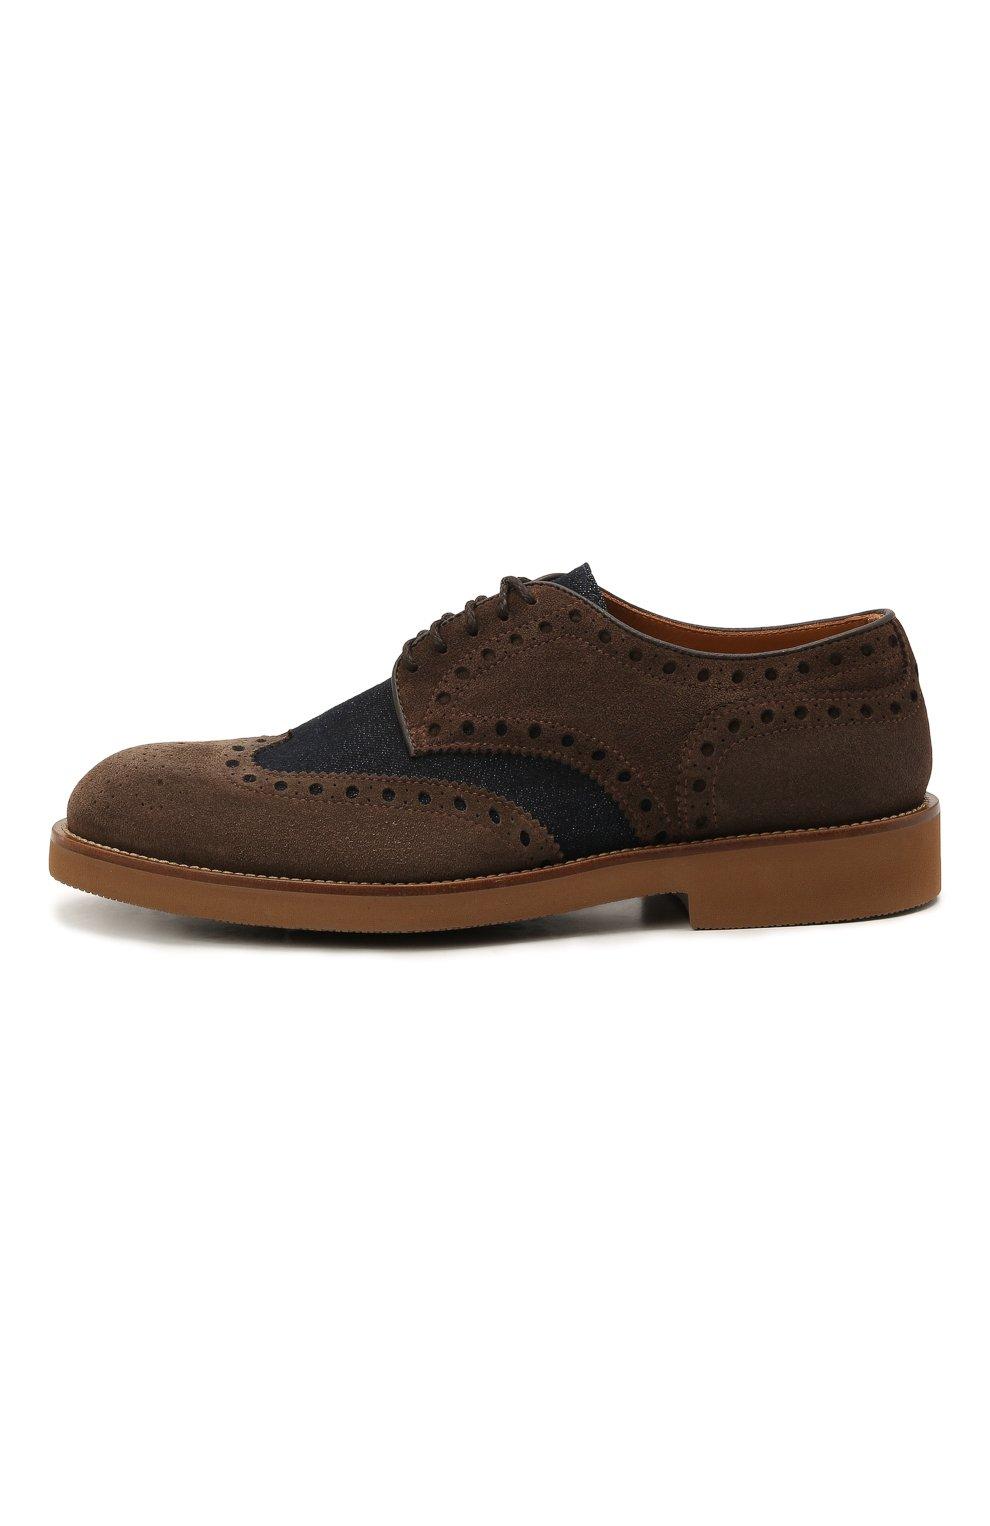 Мужские комбинированные дерби DOUCAL'S коричневого цвета, арт. DU2526HELMPY510MM06   Фото 3 (Материал внешний: Текстиль; Мужское Кросс-КТ: Броги-обувь; Материал внутренний: Натуральная кожа; Стили: Классический)